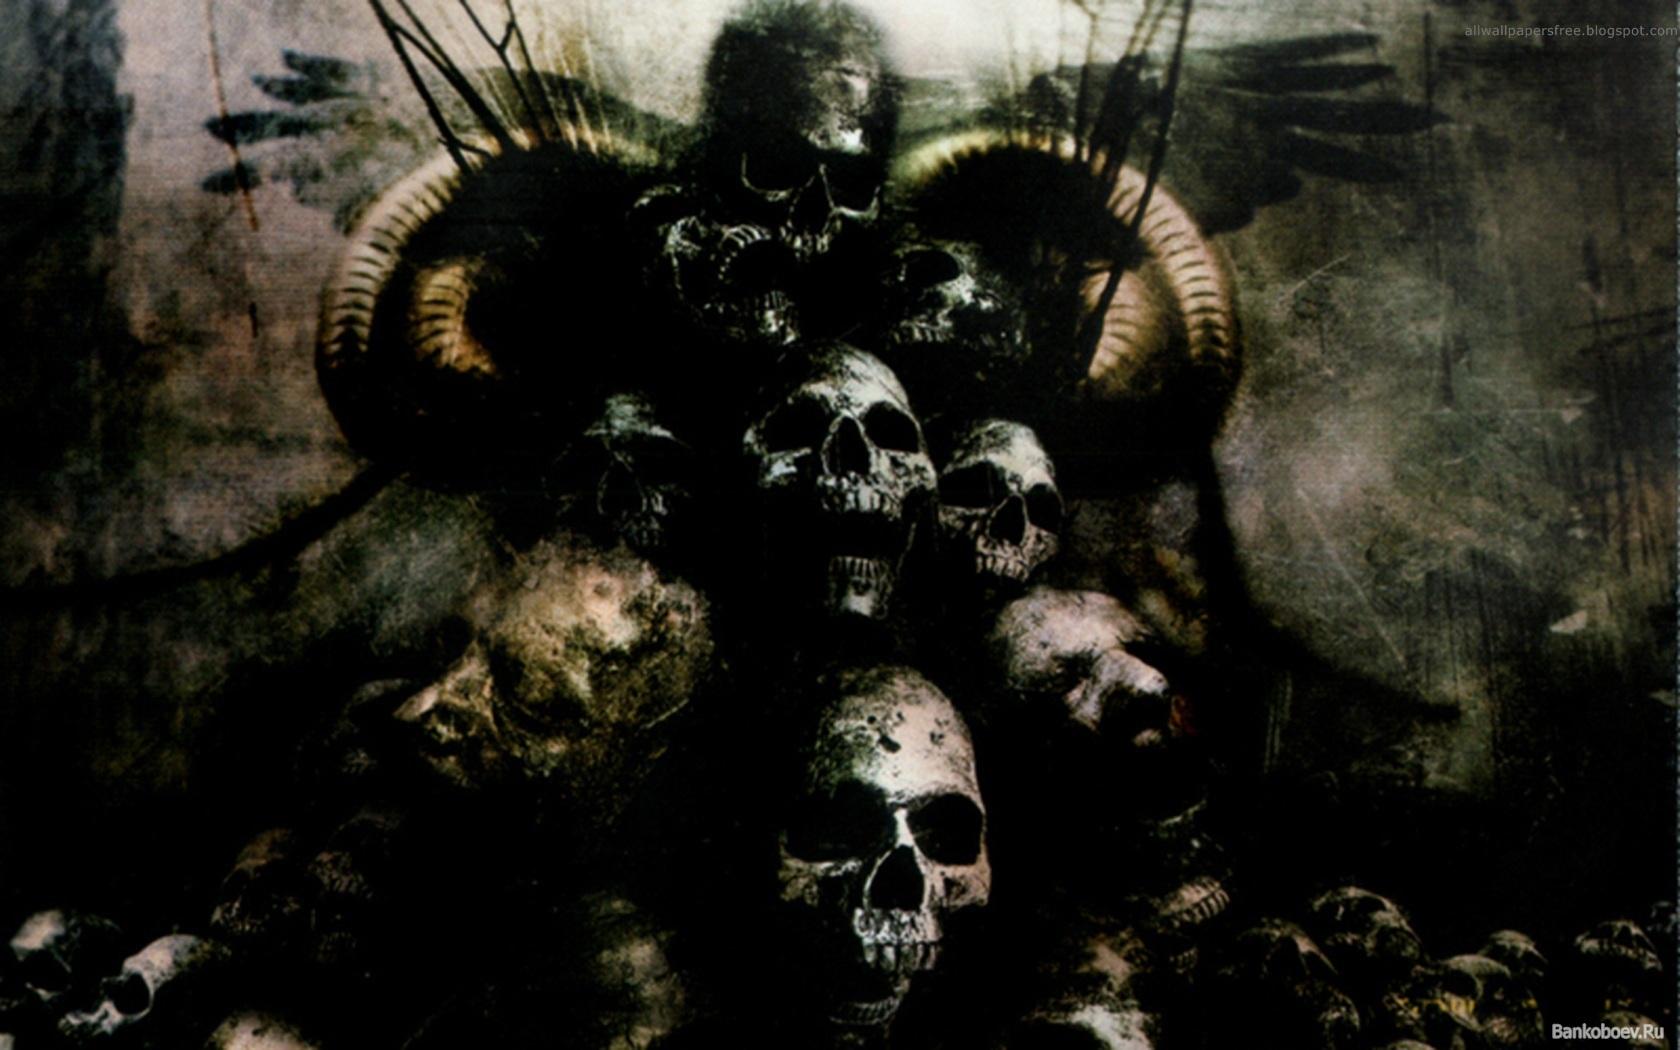 Dark Skulls - HD Wallpaper